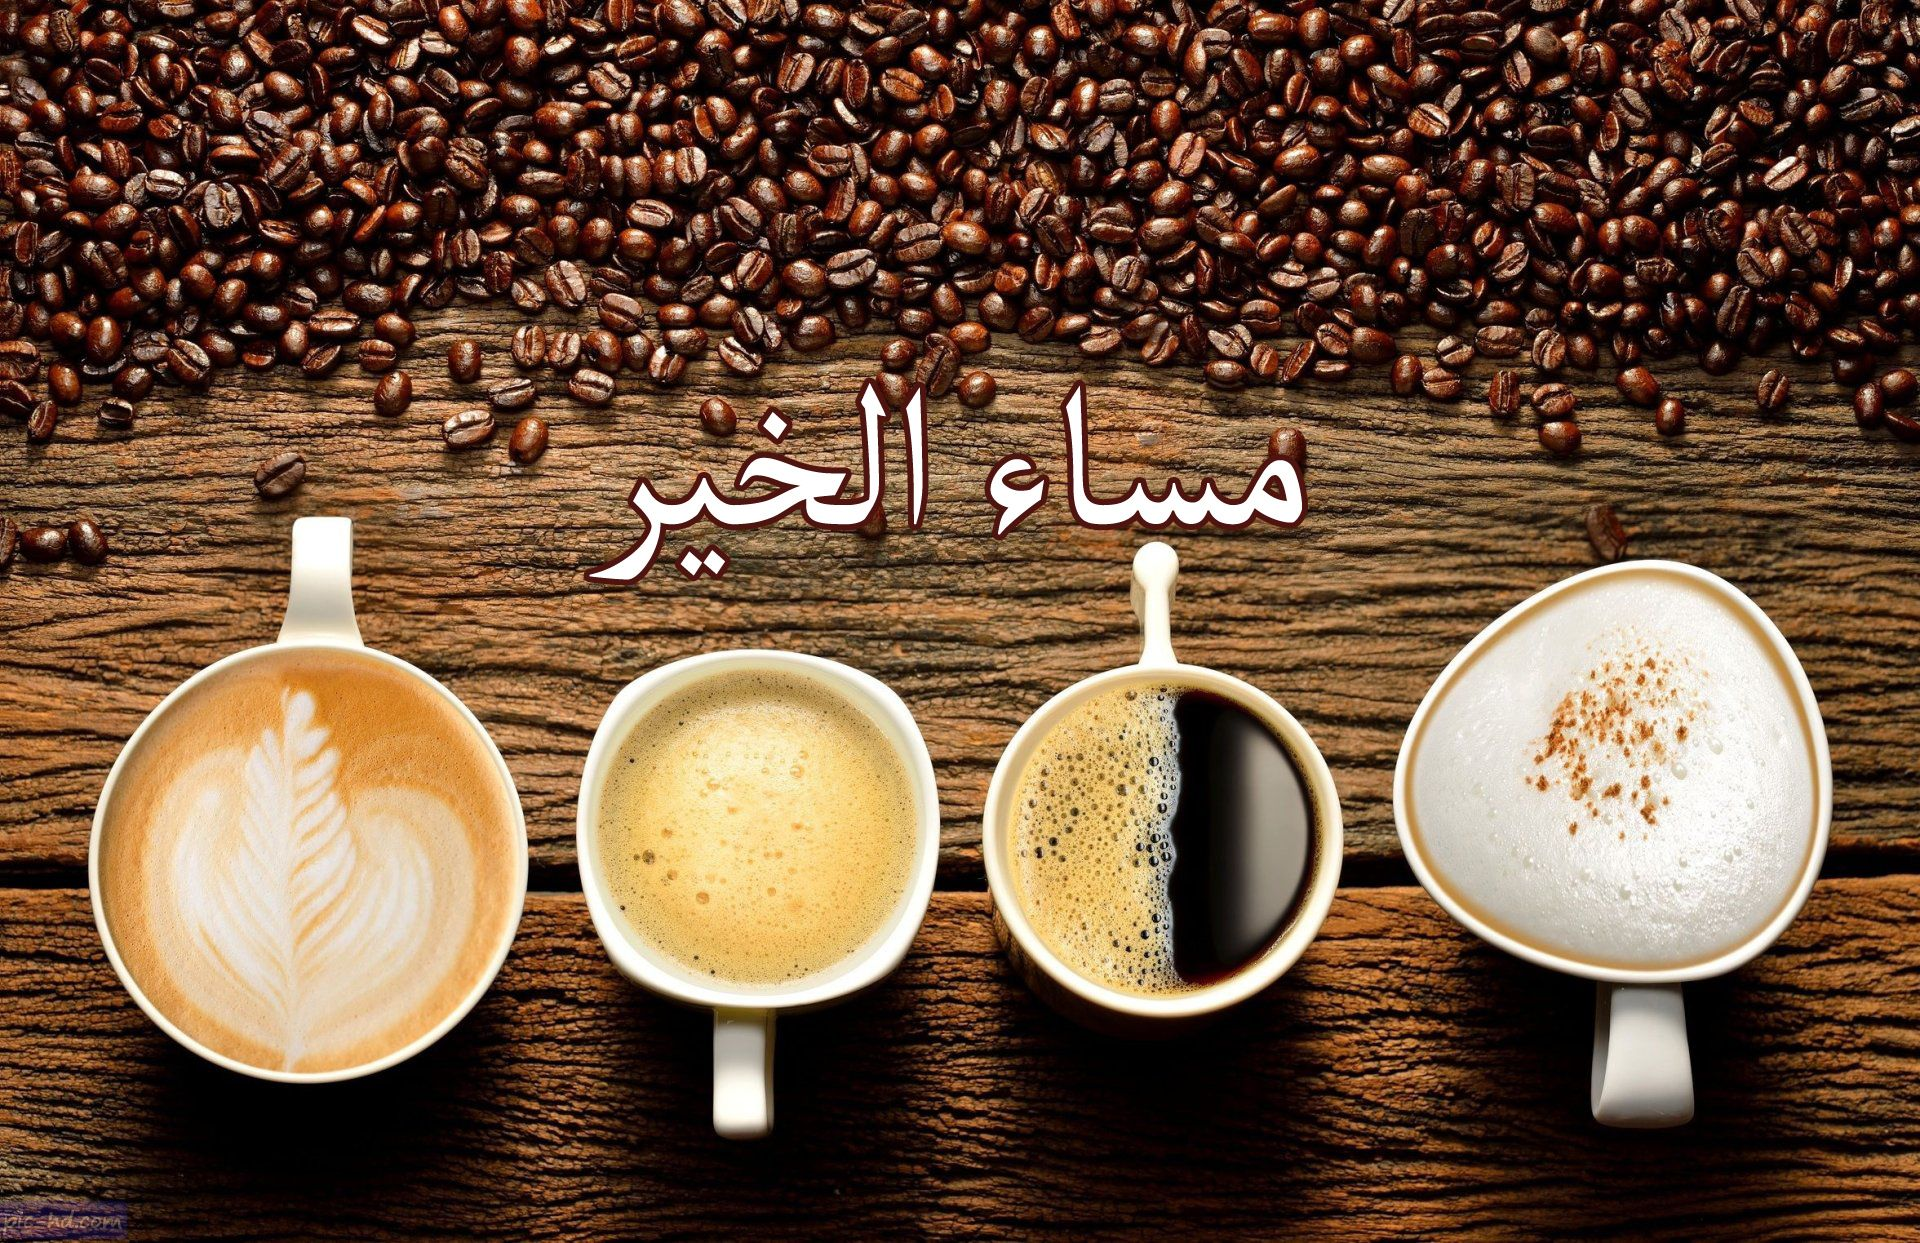 صور قهوة مكتوب عليها مساء الخير صور القهوة المسائية Coffee Health Benefits Vietnamese Iced Coffee Recipe Wtf Fun Facts